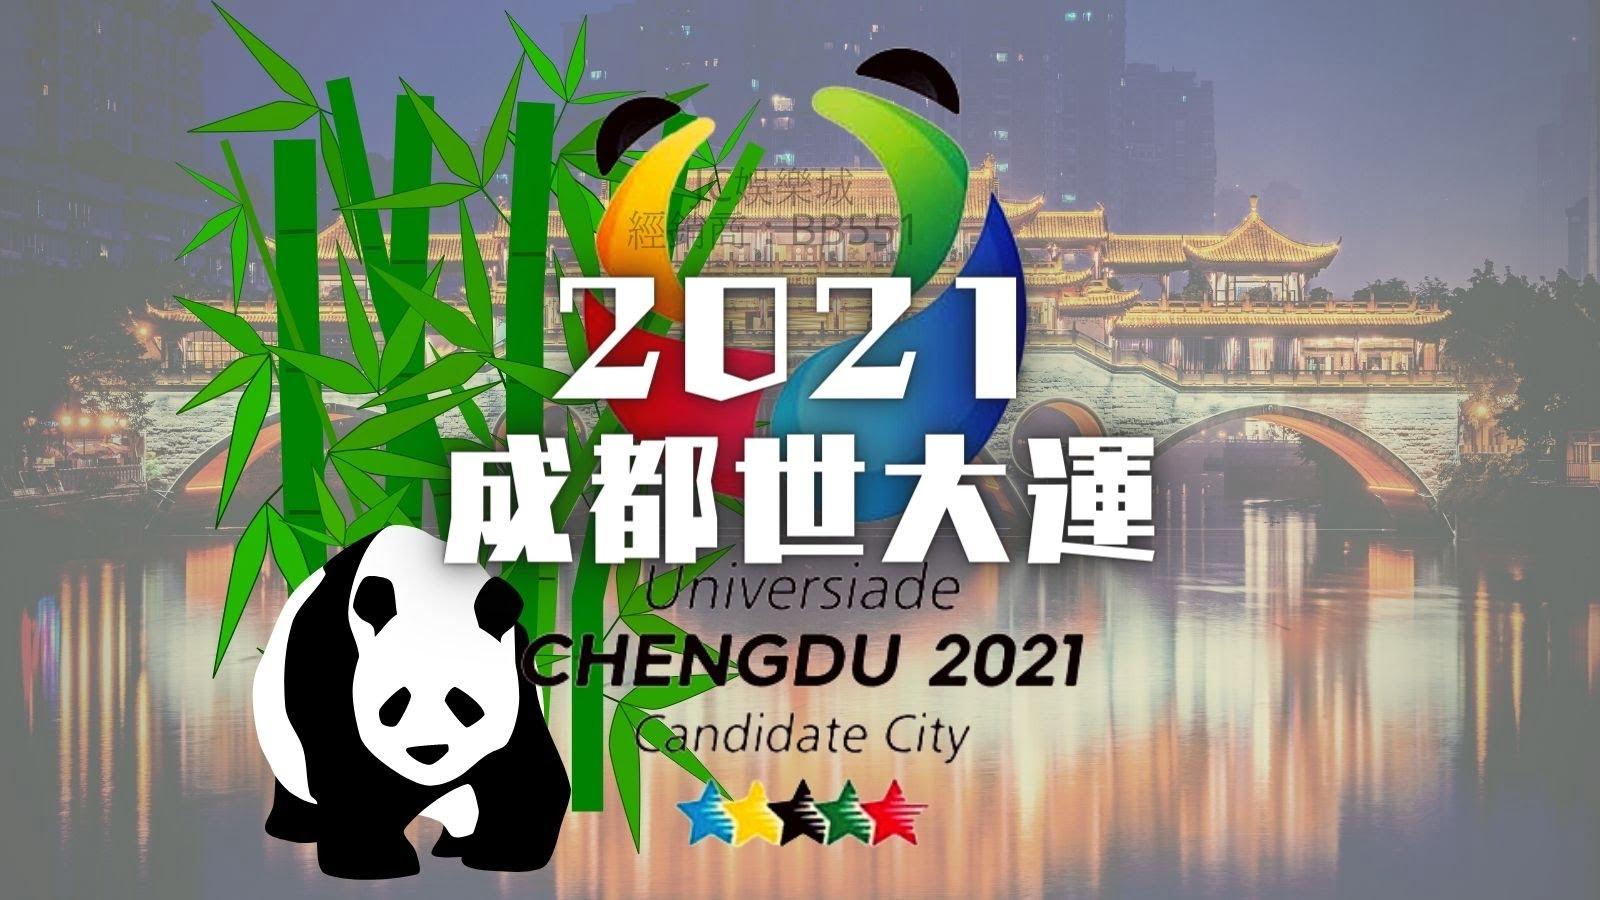 【2021 世界大學運動會】成都世大運延期,史上第一場無法如期舉行的世大運